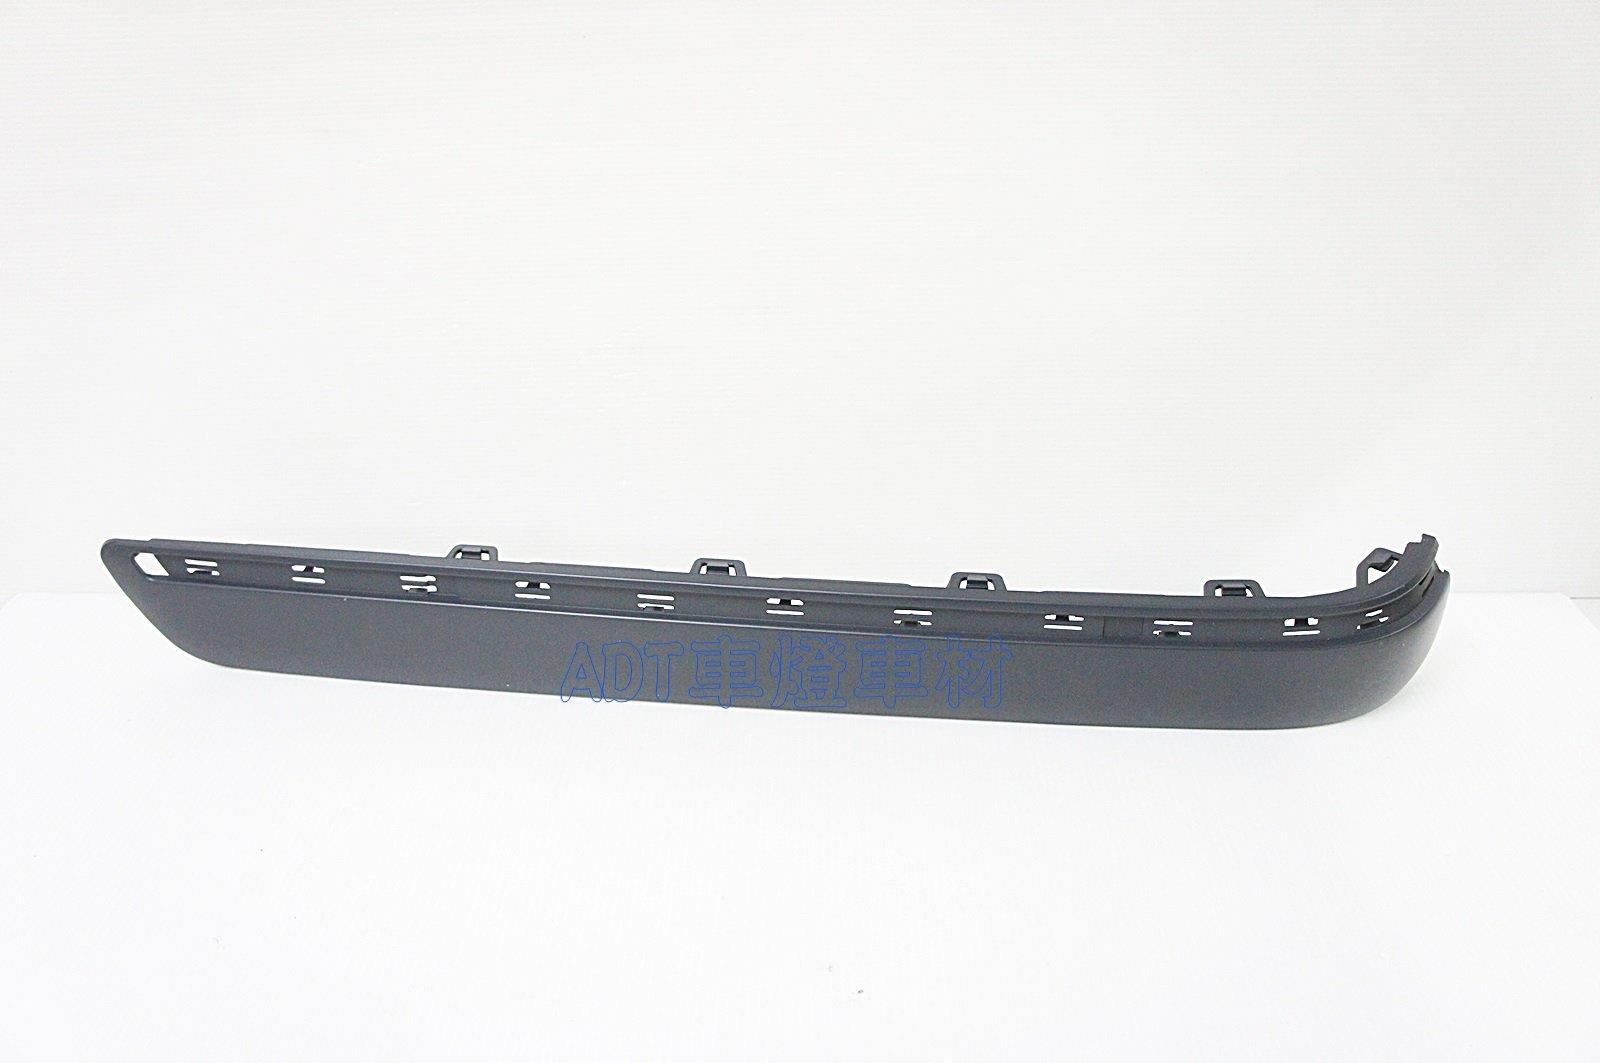 ~~ADT.車材.車材~~賓士 W210 99 00 01 02 保桿飾板 保桿護板 後保桿彎角 有鍍鉻飾條專用